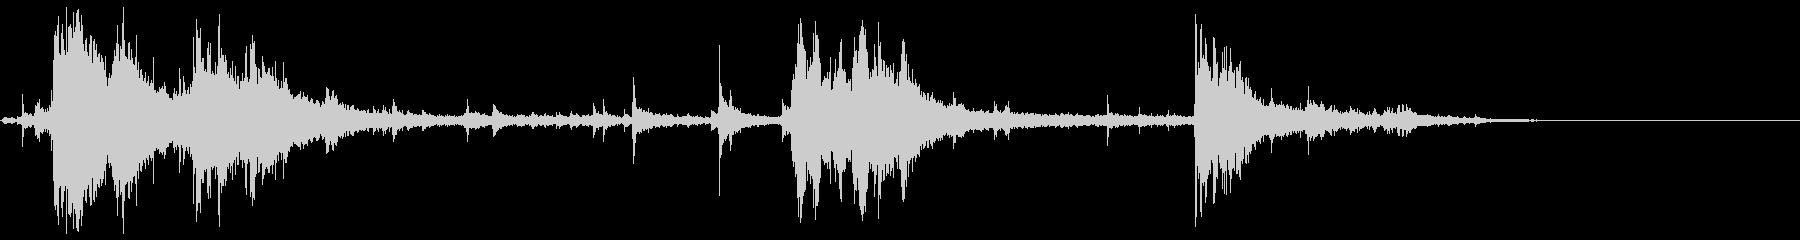 水の音(水仕事、水浴び、井戸)の未再生の波形